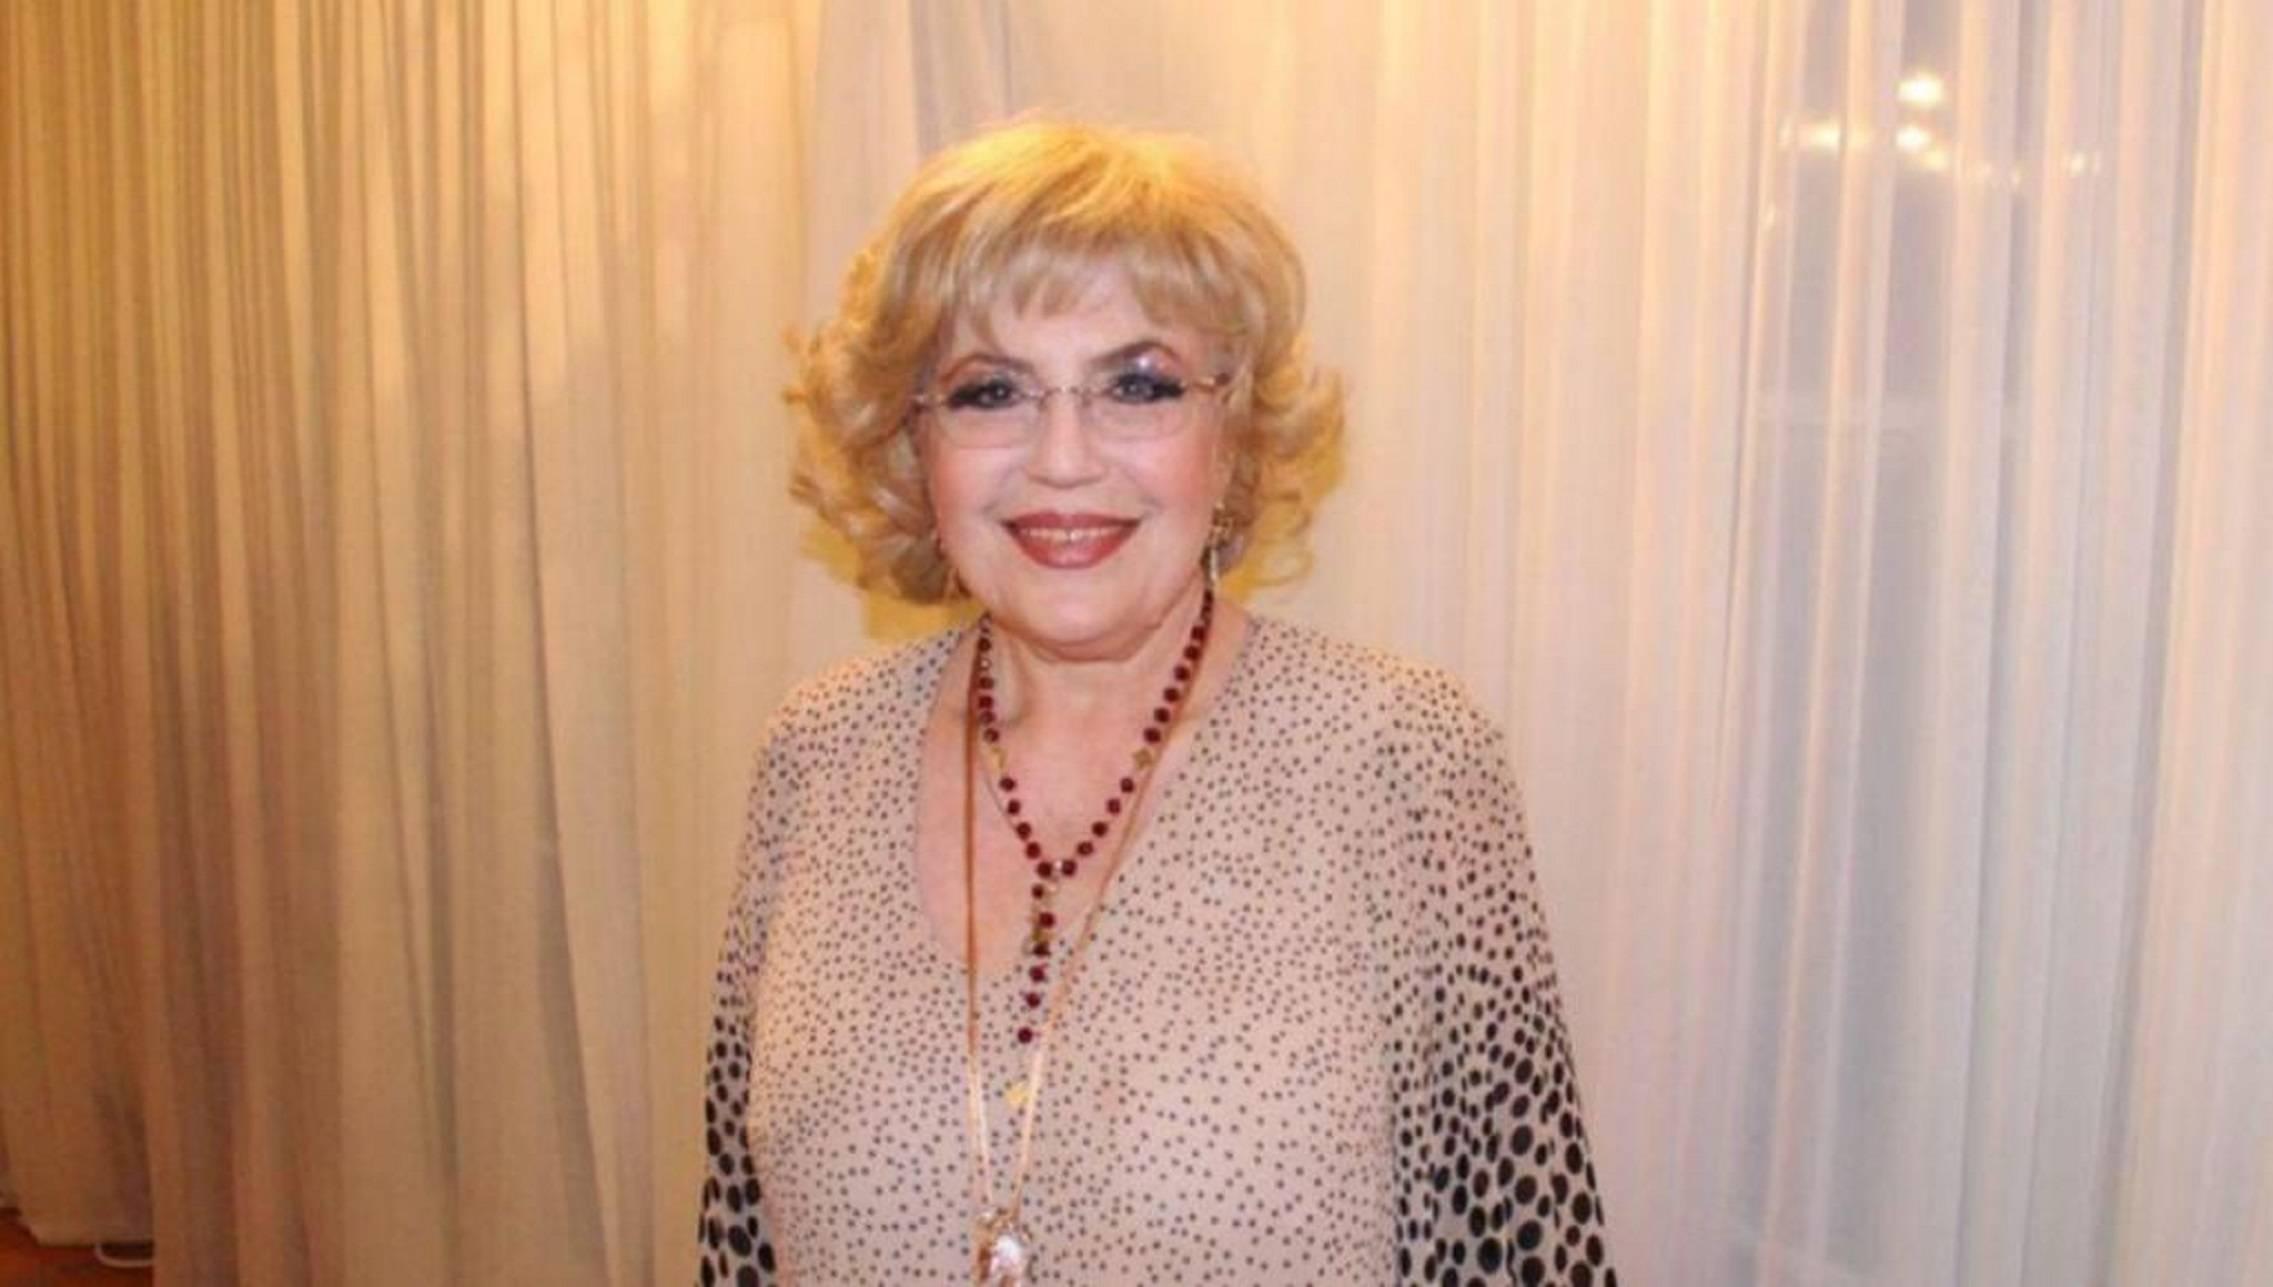 Cântăreața cu cele mai frumoase picioare din țară nu era văzută cu ochi buni de către Elena Ceaușescu